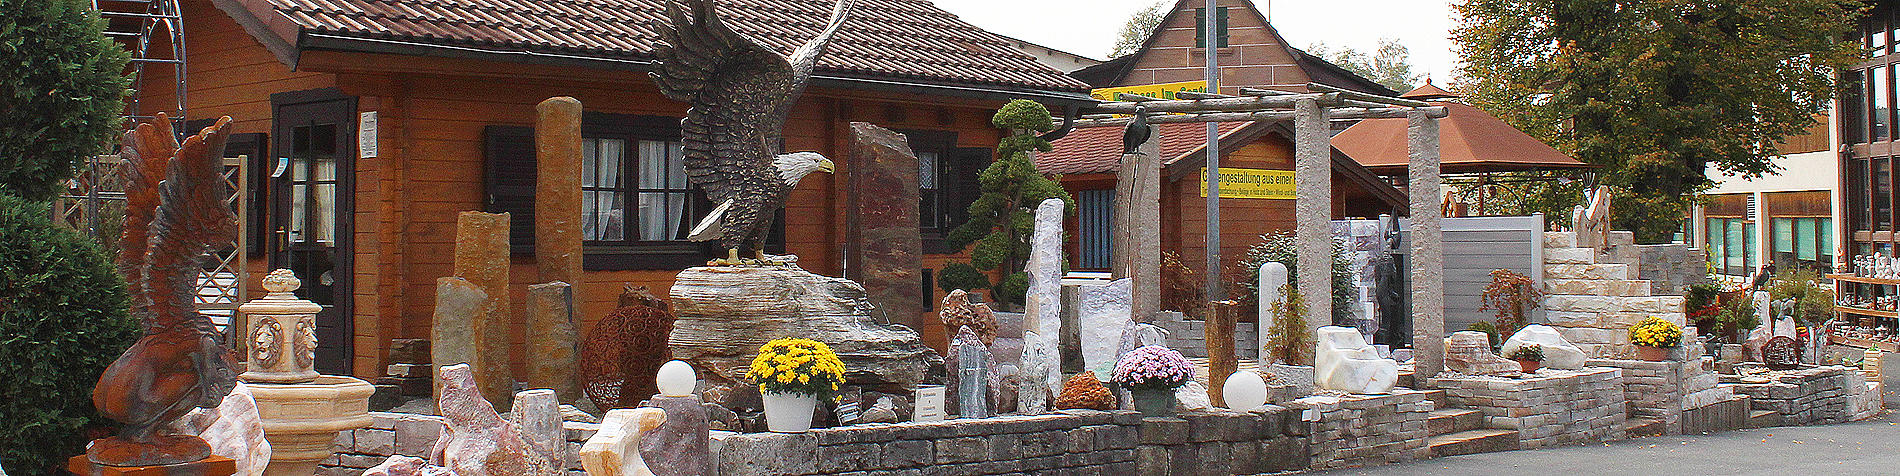 Full Size of Gartendeko Aus Holz Und Metall Deko Ambiente Ntzliches Nrnberg Franken Erlangen Holzküche Küche Modern Landhausküche Weiß Holzregal Badezimmer Bett Wohnzimmer Gartendeko Aus Holz Und Metall